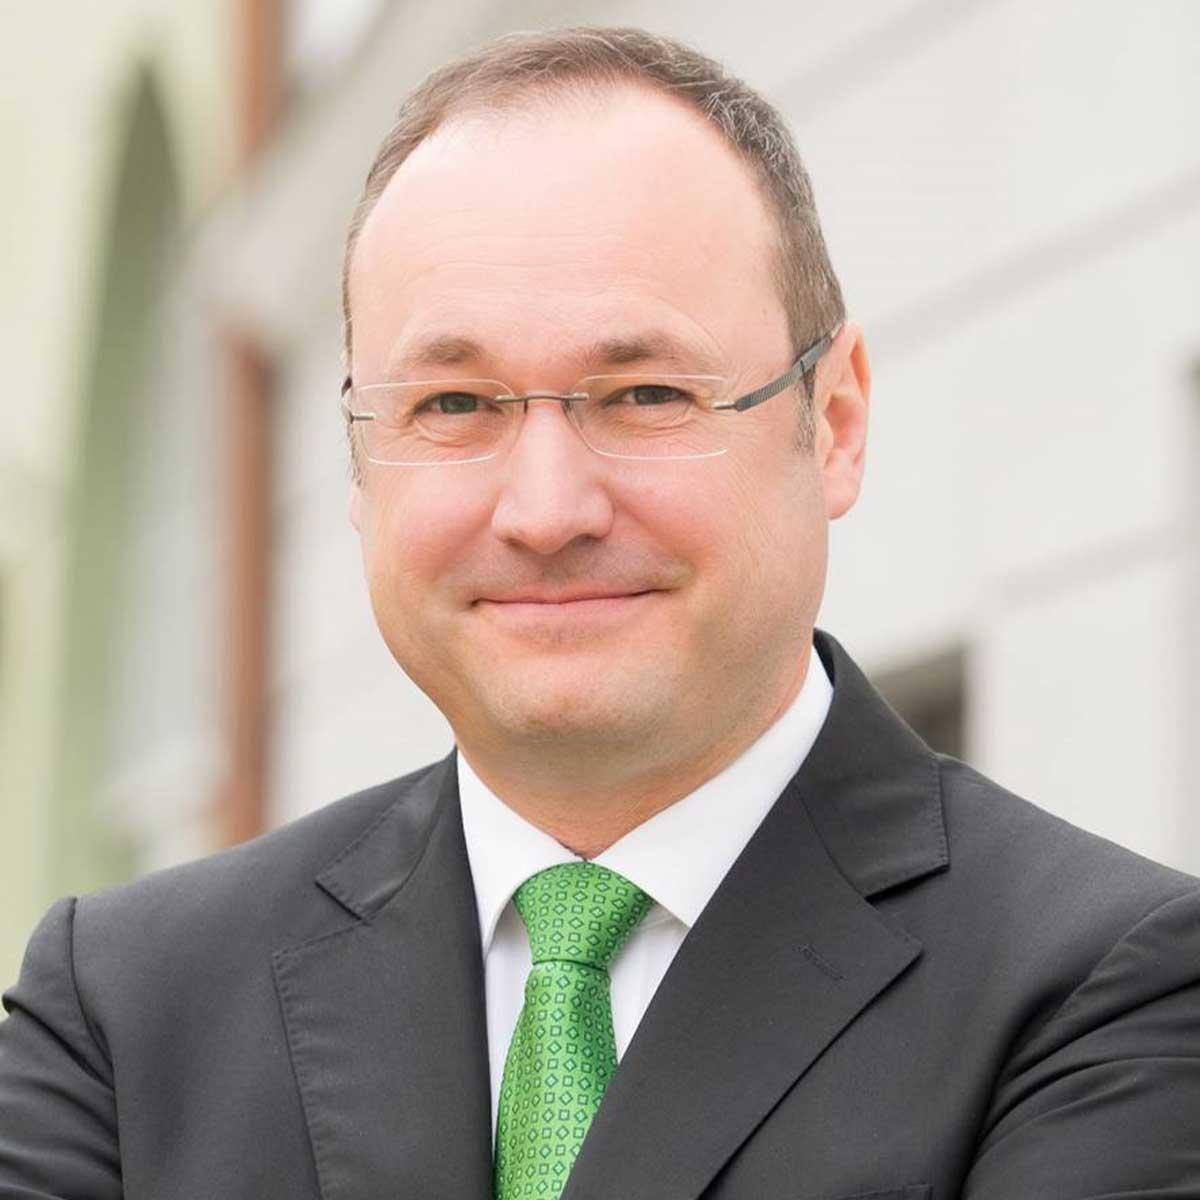 Bernd Ruppert